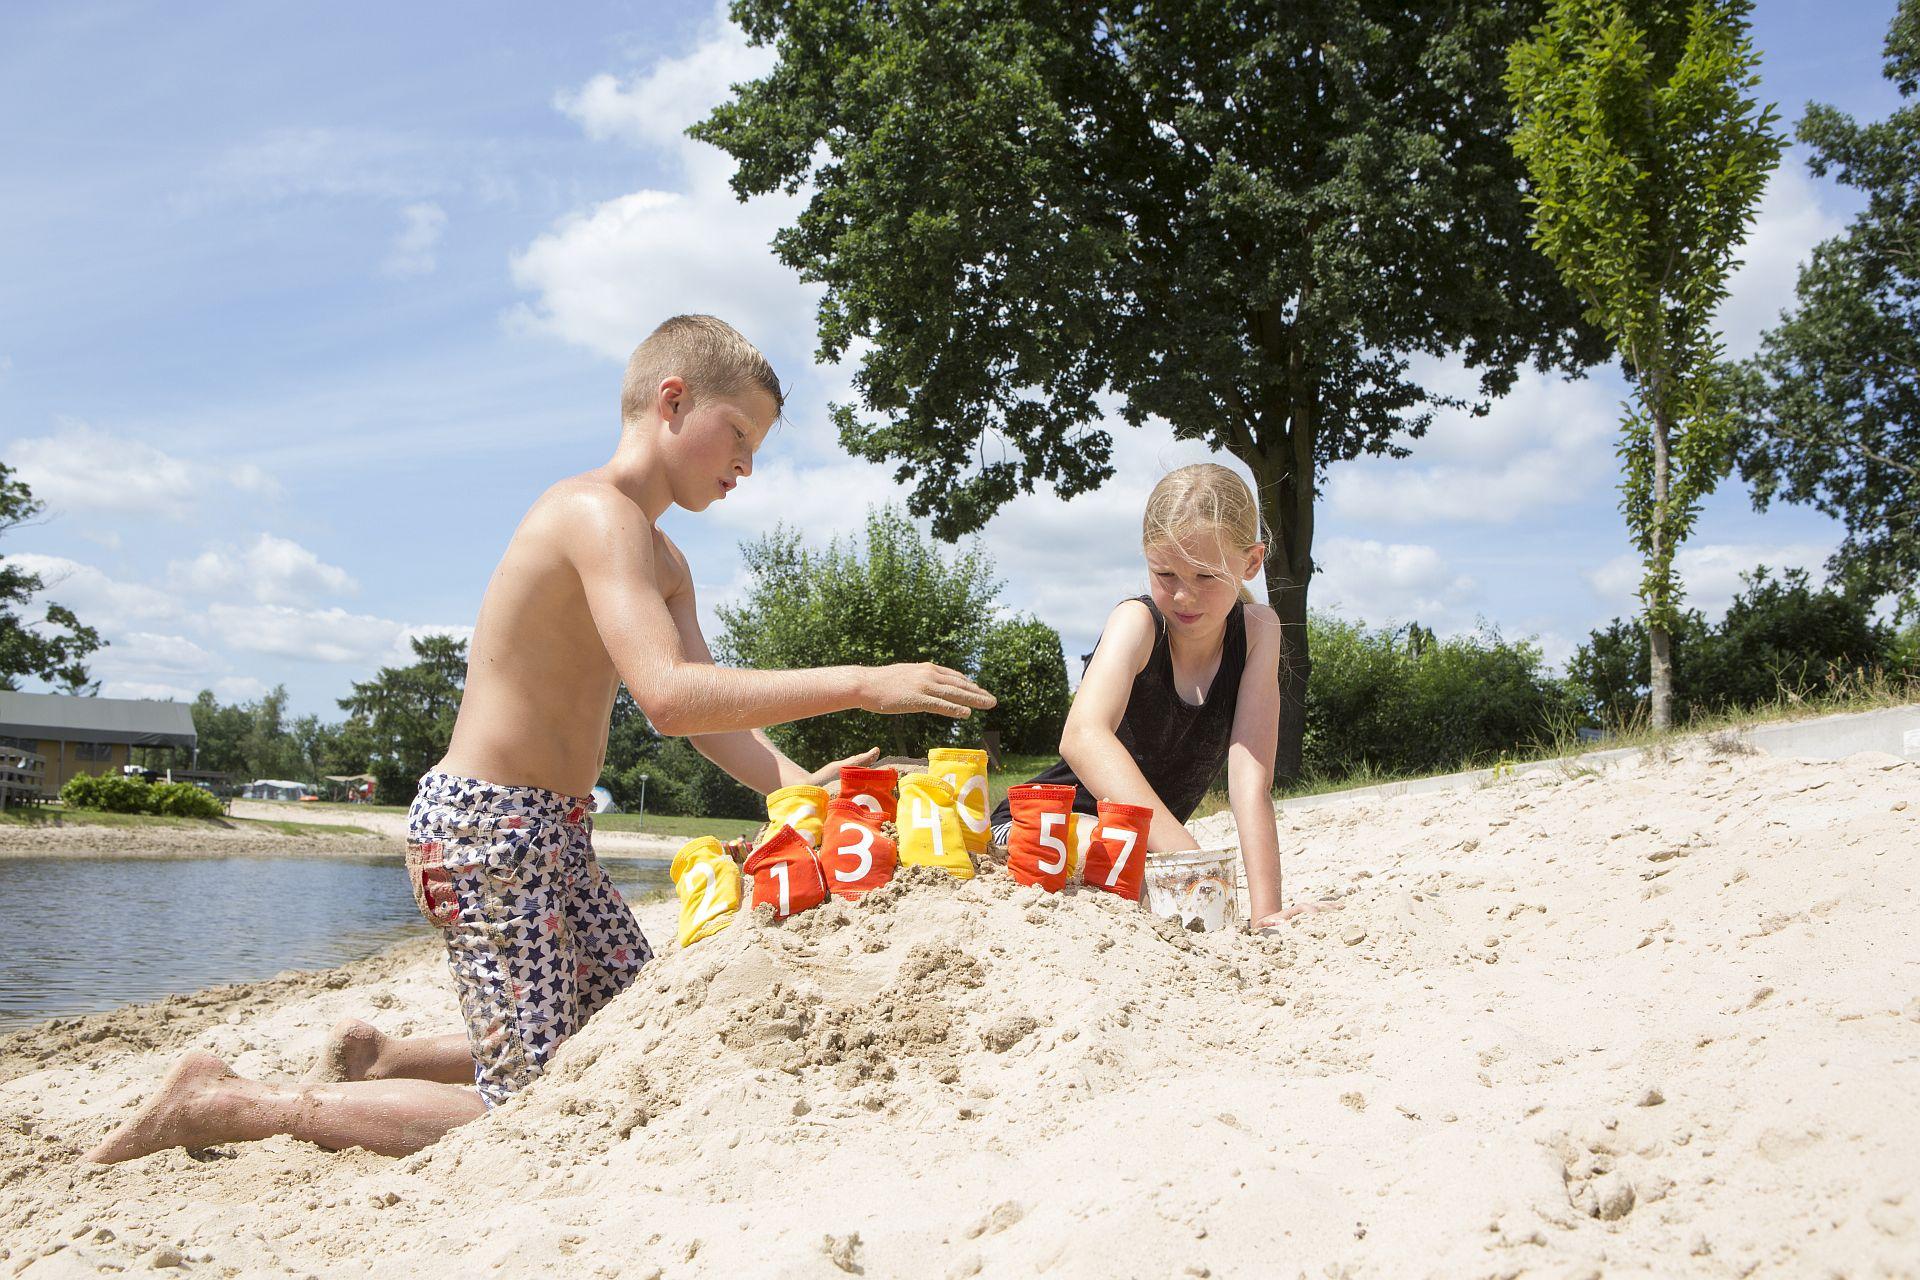 Familievakantie in Overijssel met veel overdekte voorzieningen - Familievakantie in Overijssel